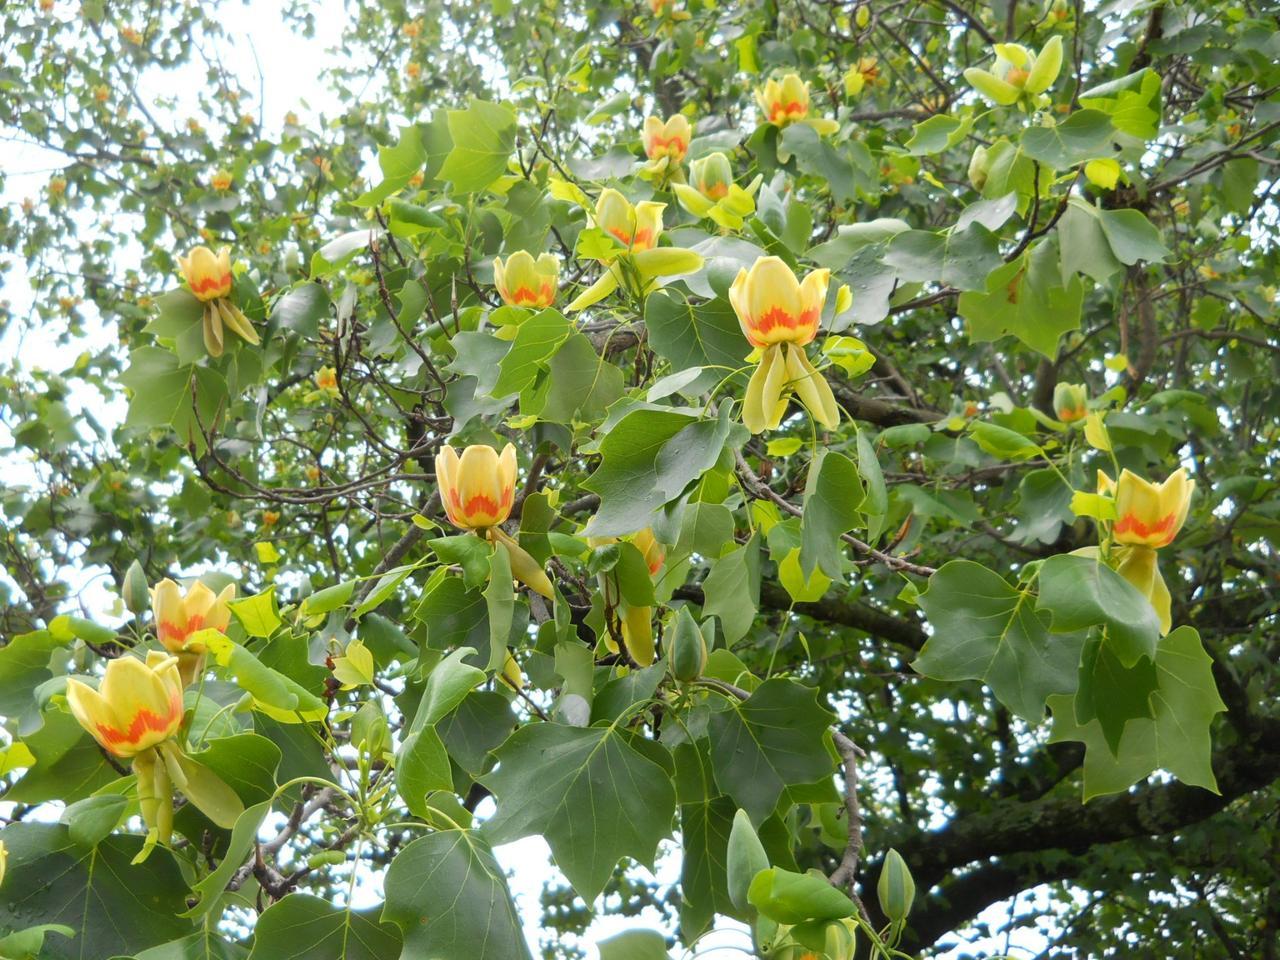 Тюльпанове дерево 3 річне, Тюльпановое дерево Лириодендрон, Liriodendron tulipifera